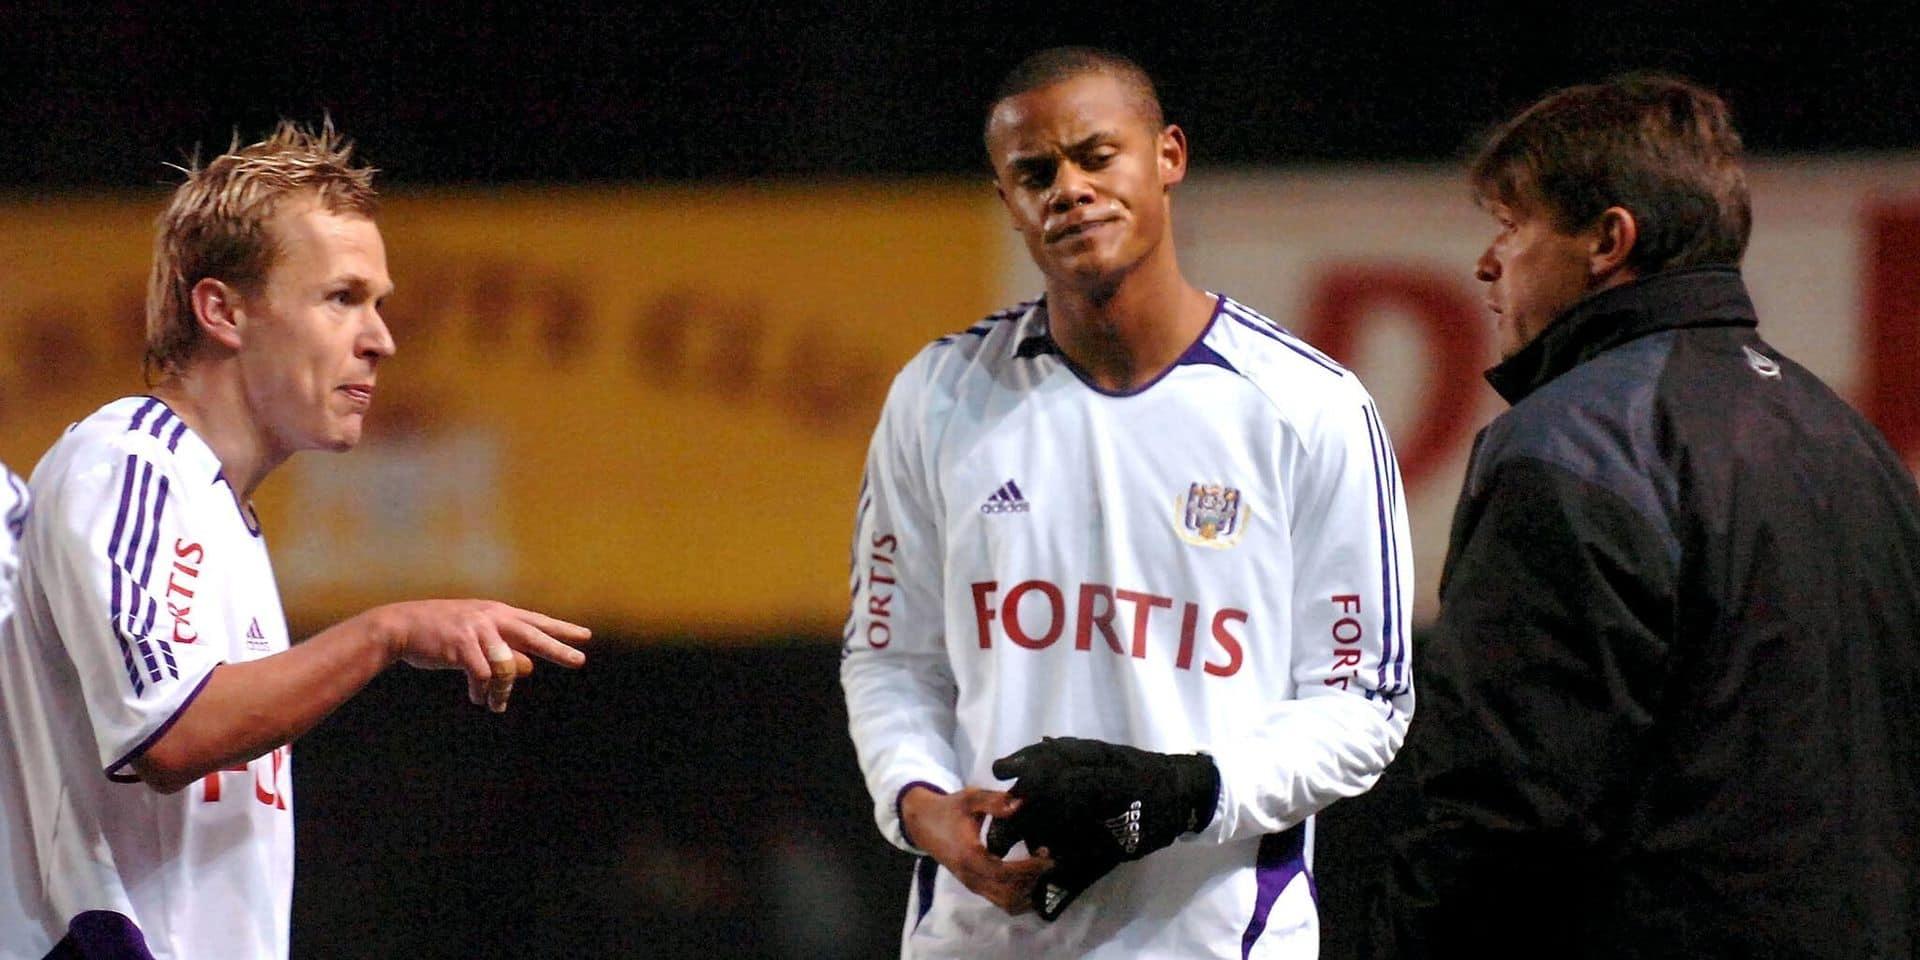 Les jeunes sont bien payés à Anderlecht: Kompany avait déjà 1 million à 17 ans